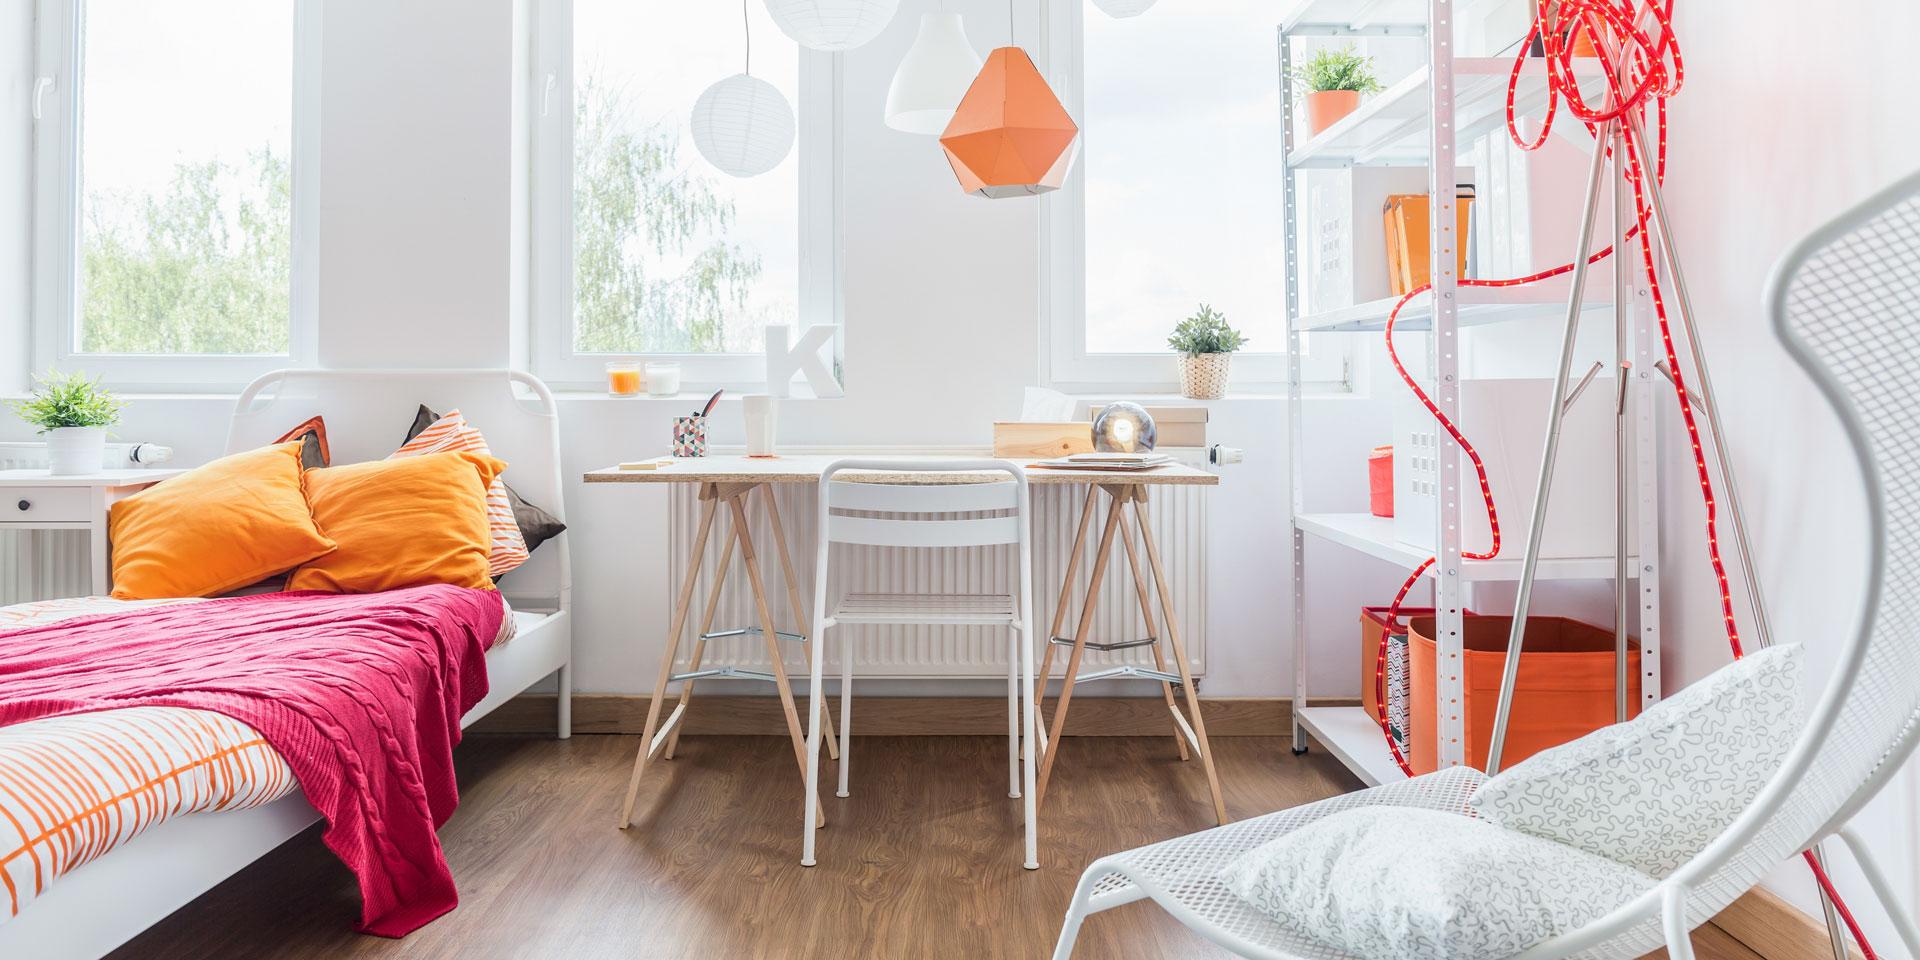 ¡Actualízate! Pon un toque natural en tu dormitorio y tu decoración